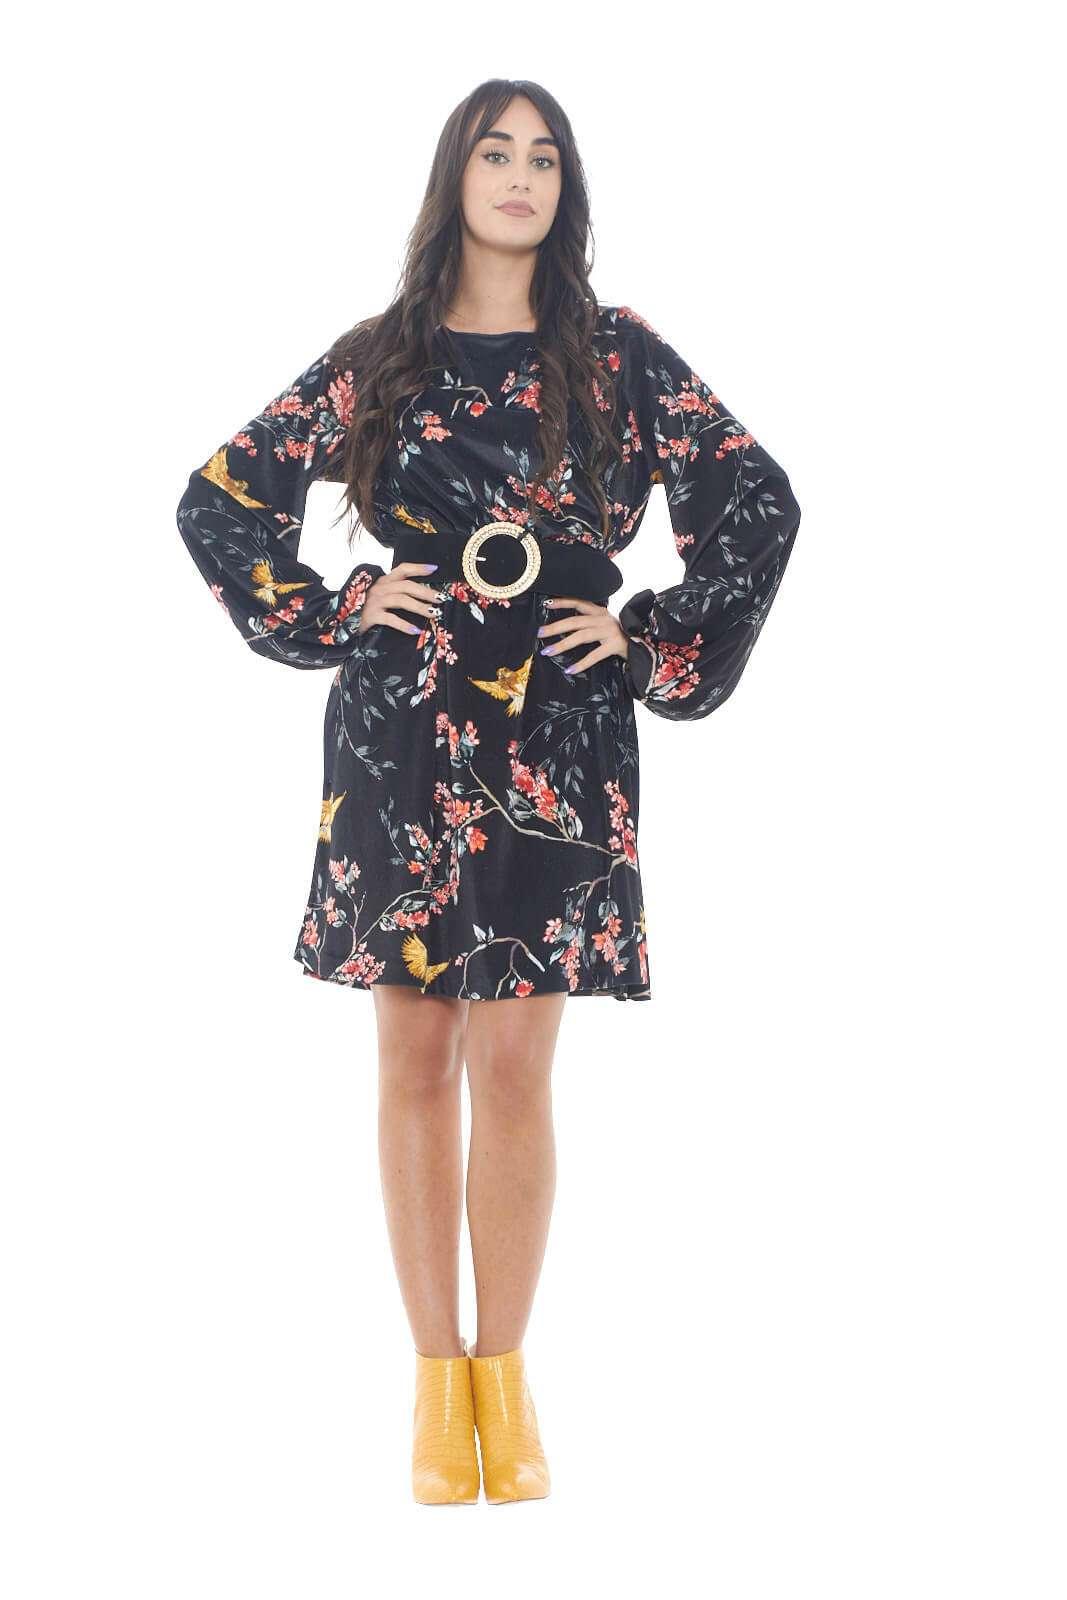 Un abito dal look estremamente femminile quello firmato One. La fantasia floreale contrasta con l'effetto velluto del capo,e regalerà colore e vivacità a tutti i tuoi outfit. Da indossare con una decolletè, semplice, per un abbinamento impeccabile. Per la donna che ama capi chic e ricercati, per qualsiasi evenienza.   La modella è alta 1,78m e indossa la taglia 42.